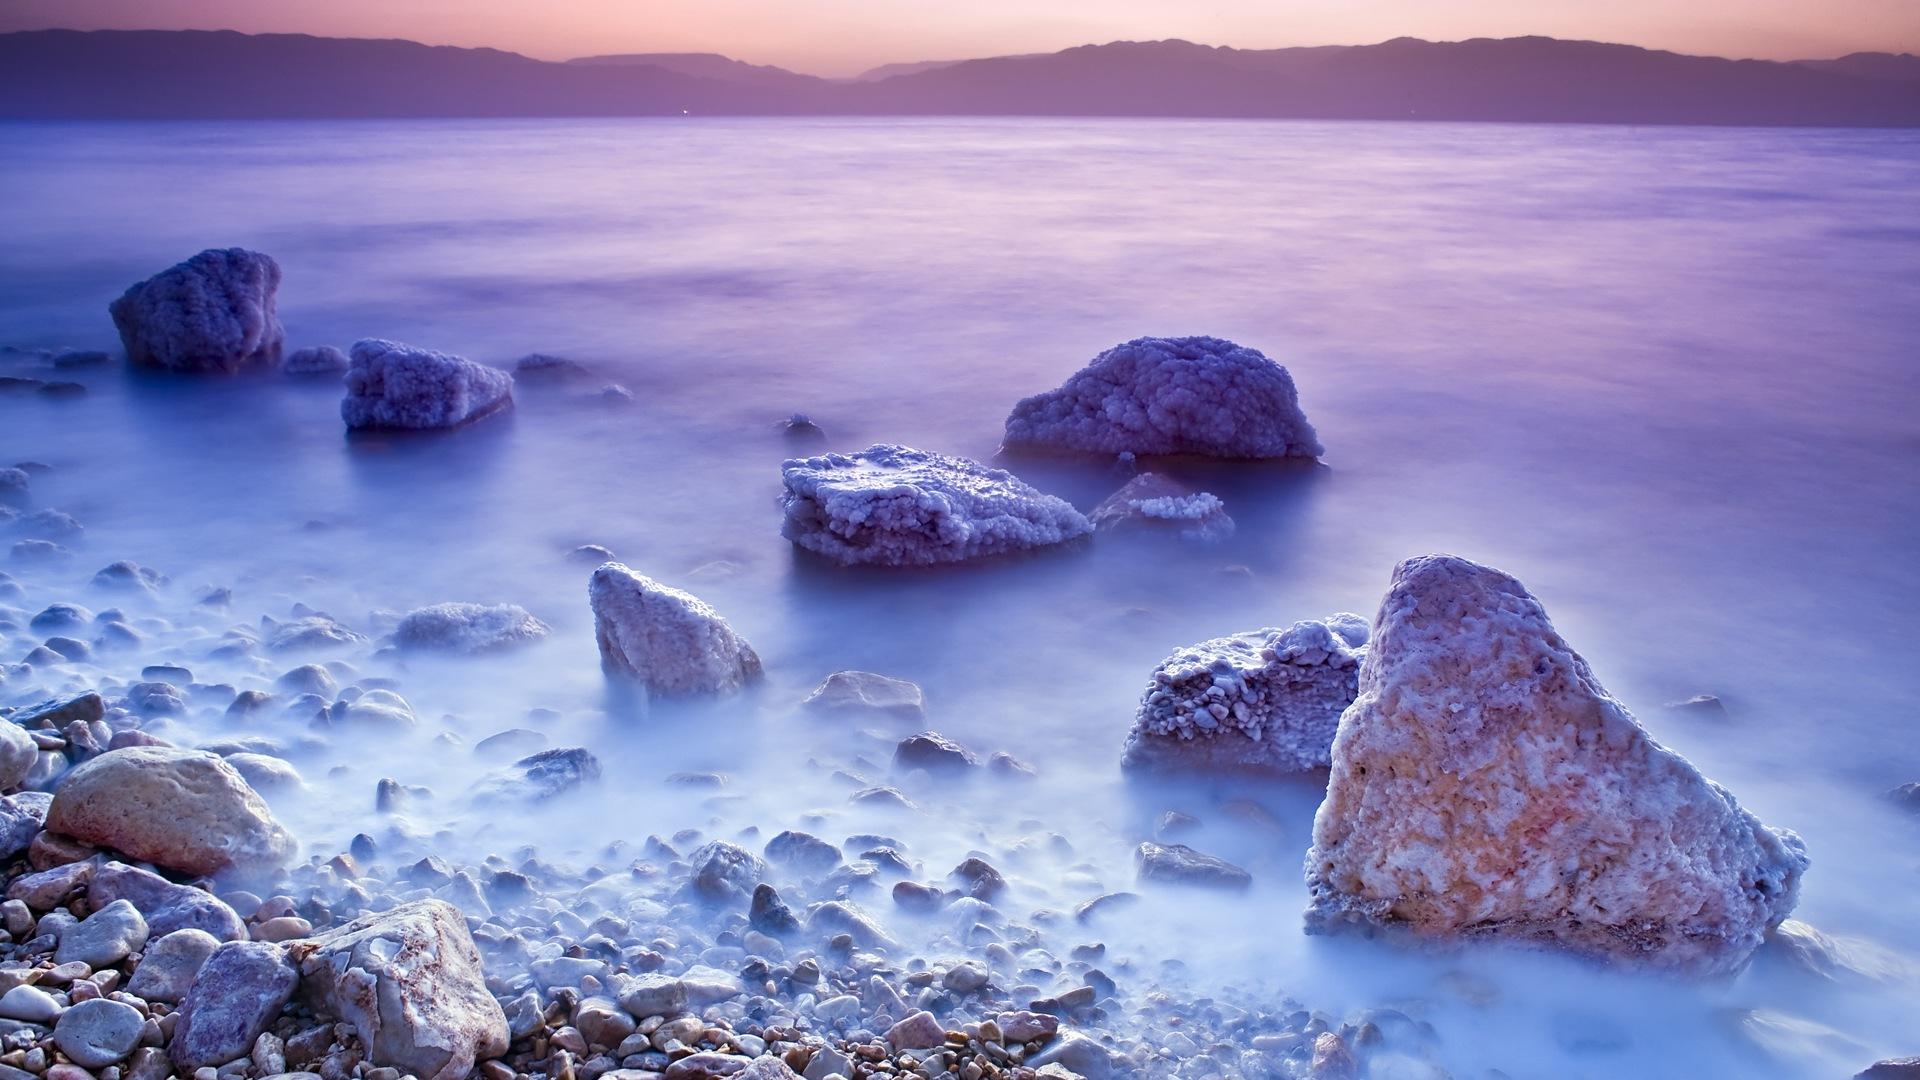 sea wallpaper nature dead - photo #16